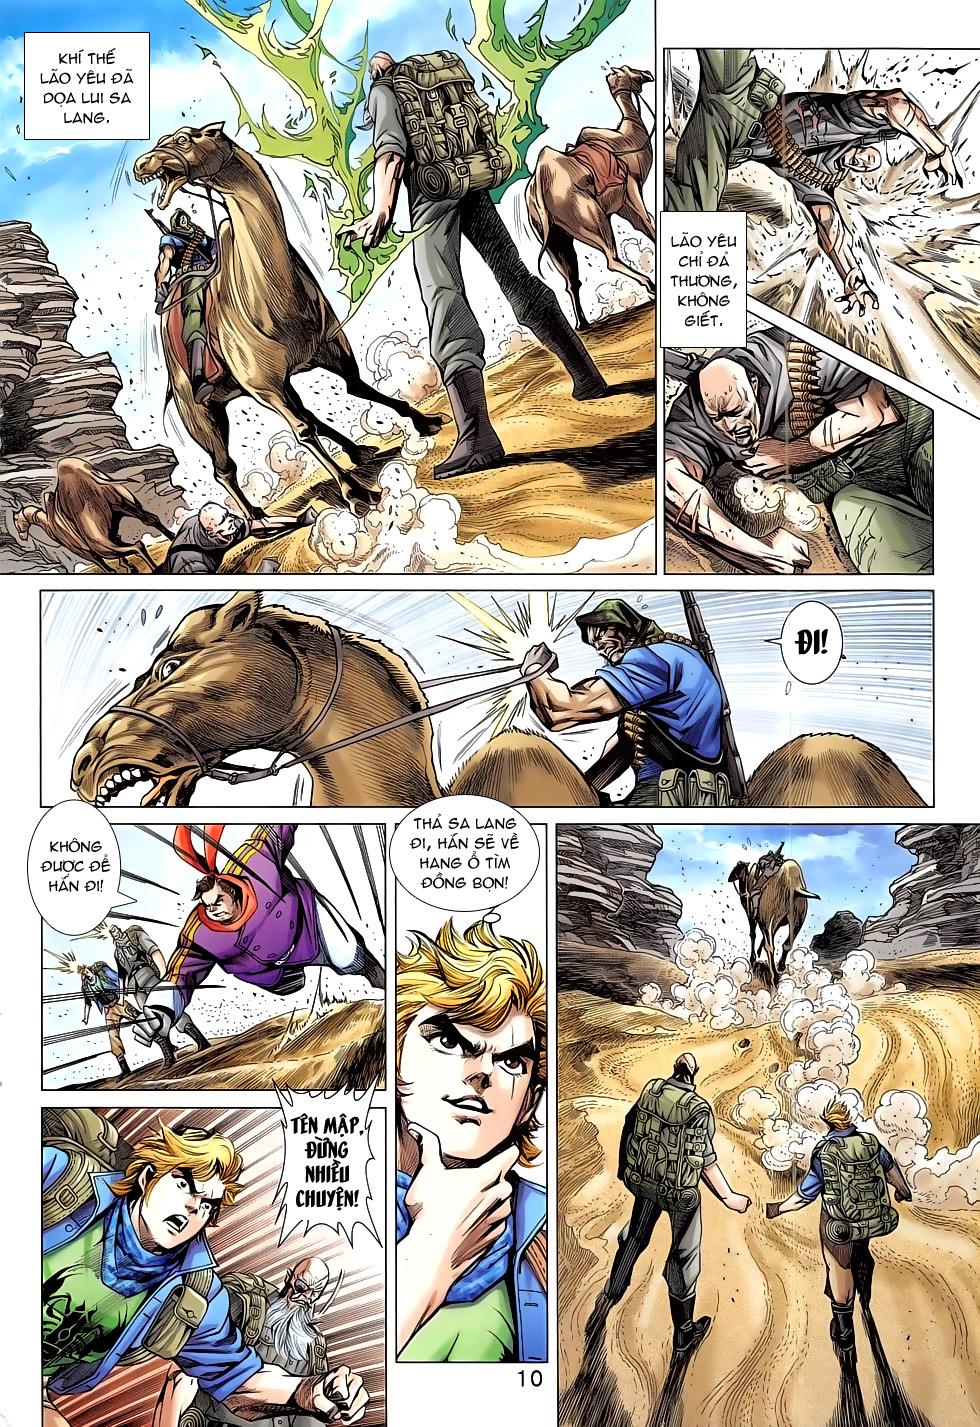 Tân Tác Long Hổ Môn chap 793 Trang 10 - Mangak.info